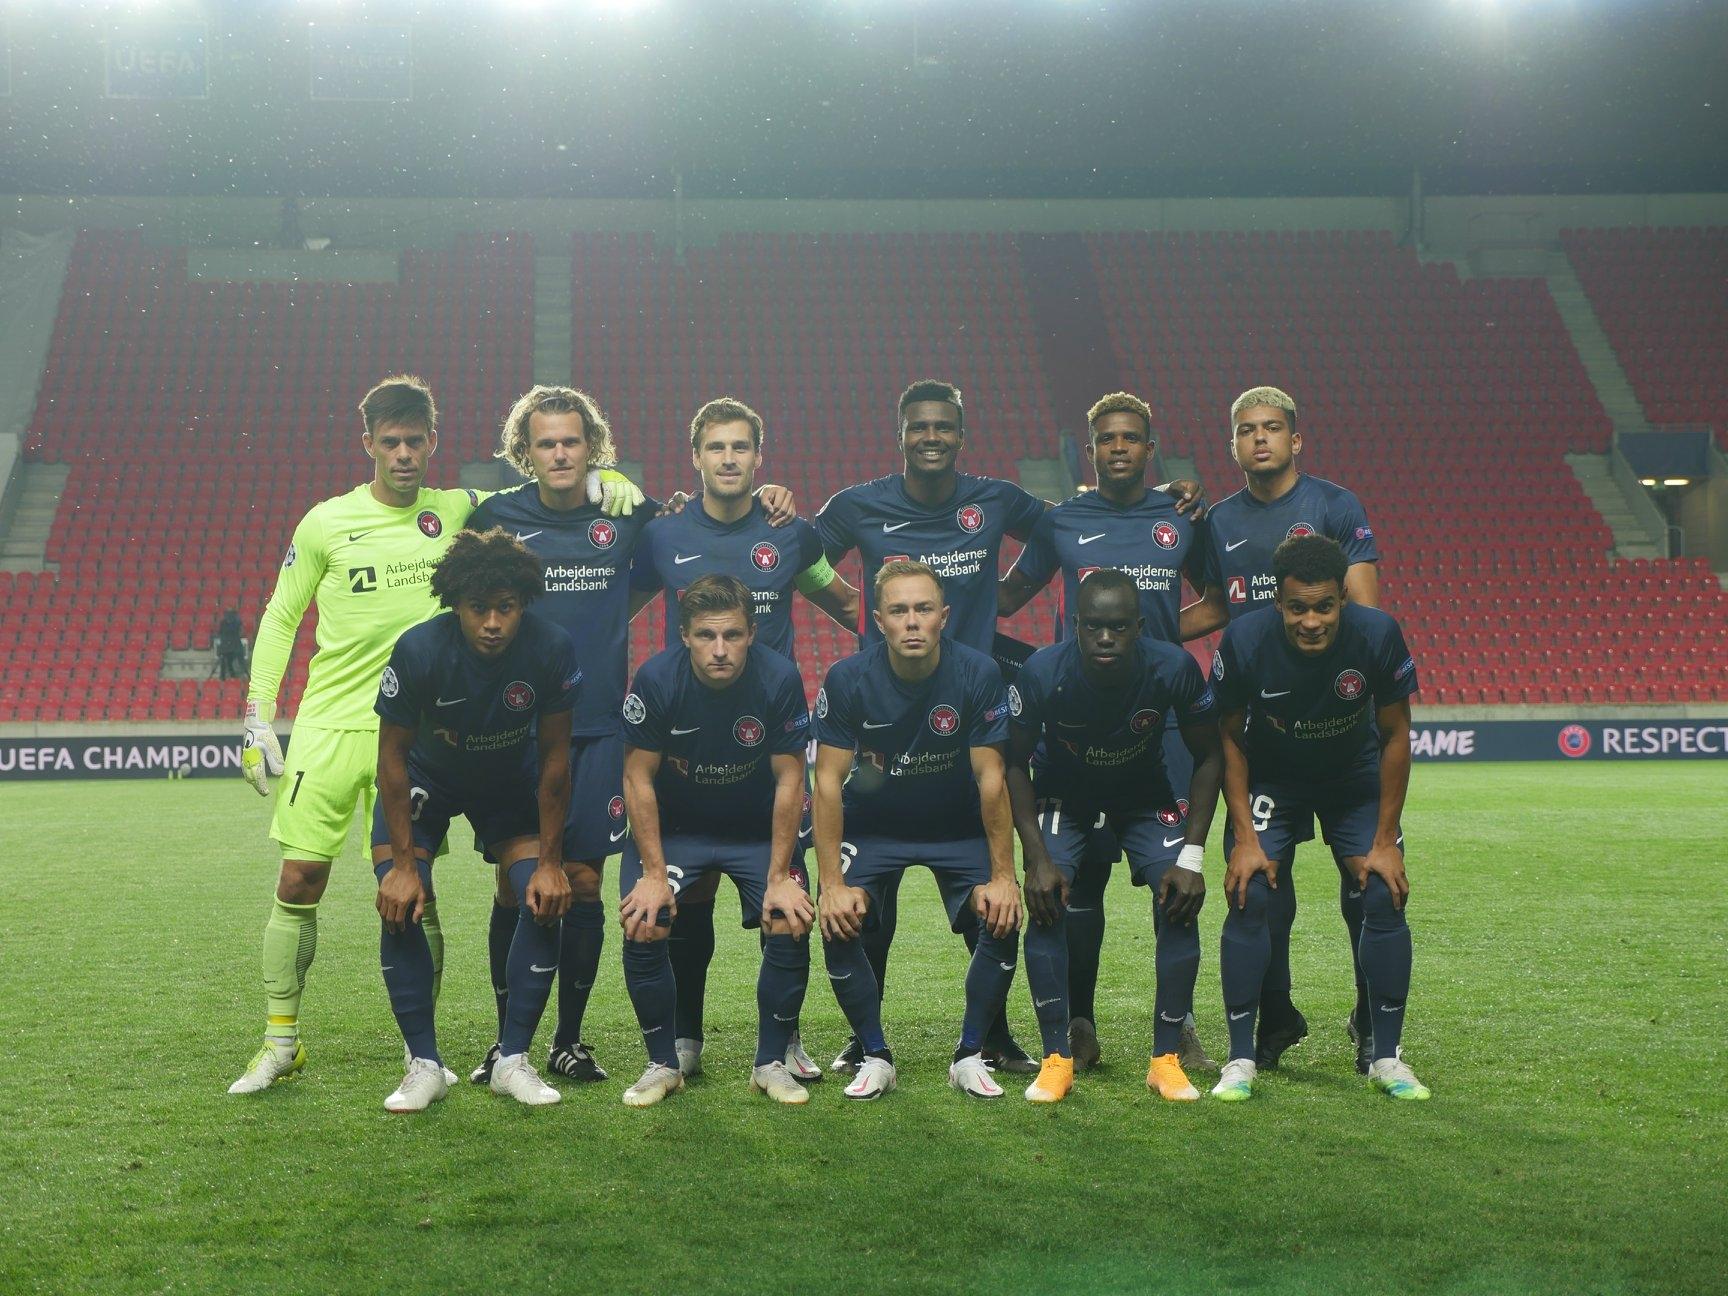 Датският Мидтиланд удържа 0:0 срещу Славия в Прага в първия